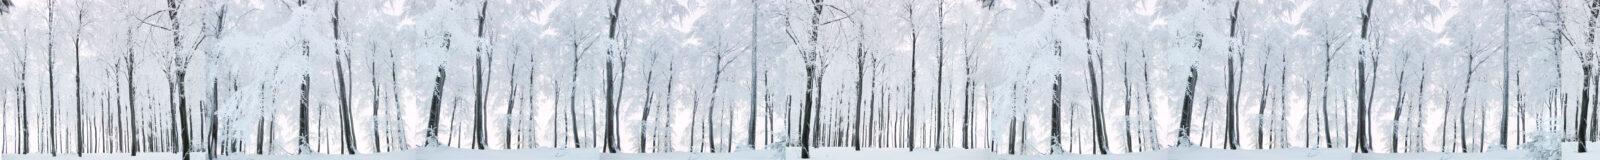 Winterwald xxxl – verschneiter Buchenwald